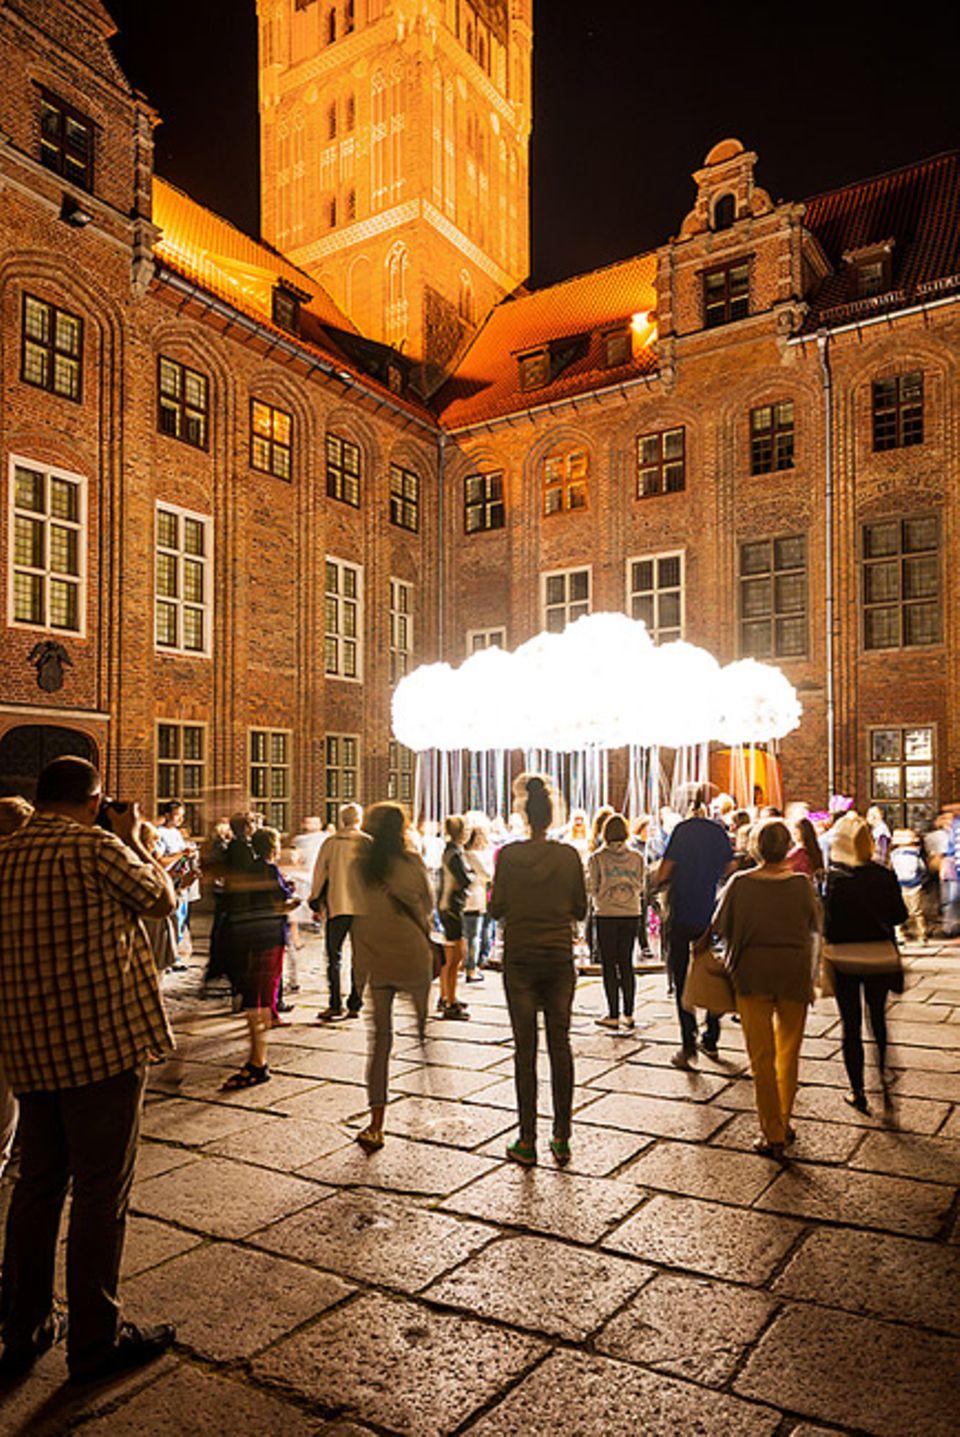 Reisetipps für Polen: Unbedingt zum Bella Skyway Festivalnach Toruń: moderne, weltberühmte Licht- und Installationskunst in der historischen Stadt, viele Menschen, tolle Stimmung. In diesem Jahr glänzt es dort vom 23. – 28. August